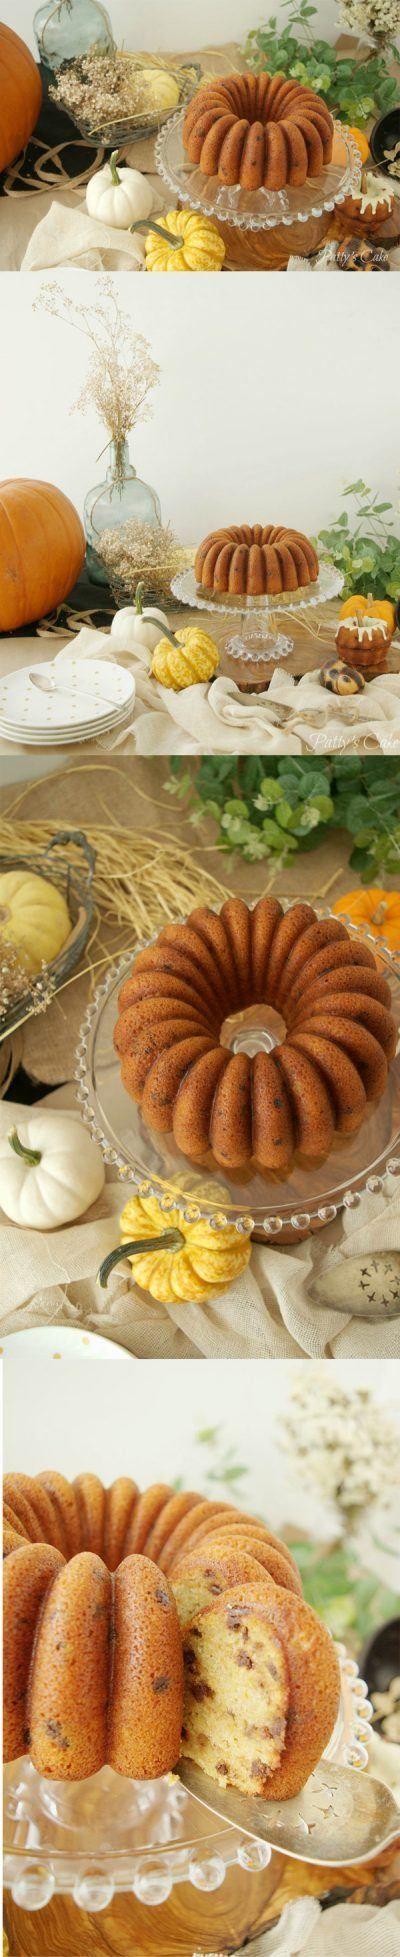 bundt-cake-calabaza-chocolate-pecados-reposteria-01